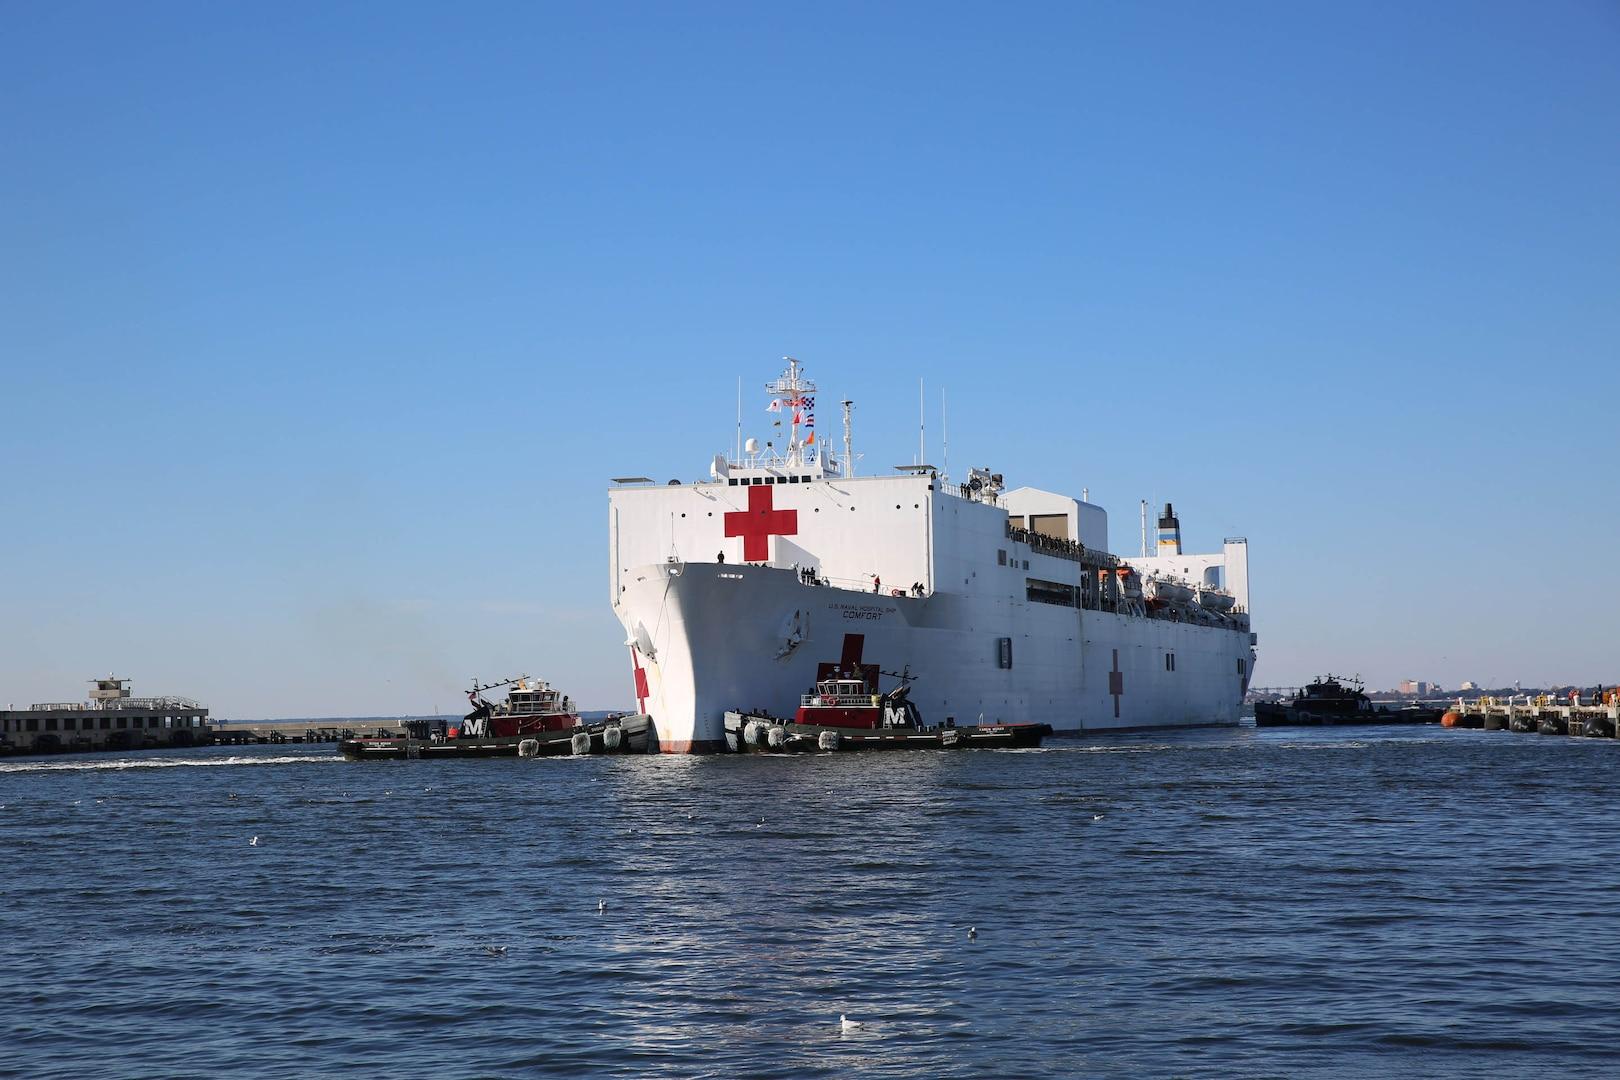 Hospital ship arrives in port.